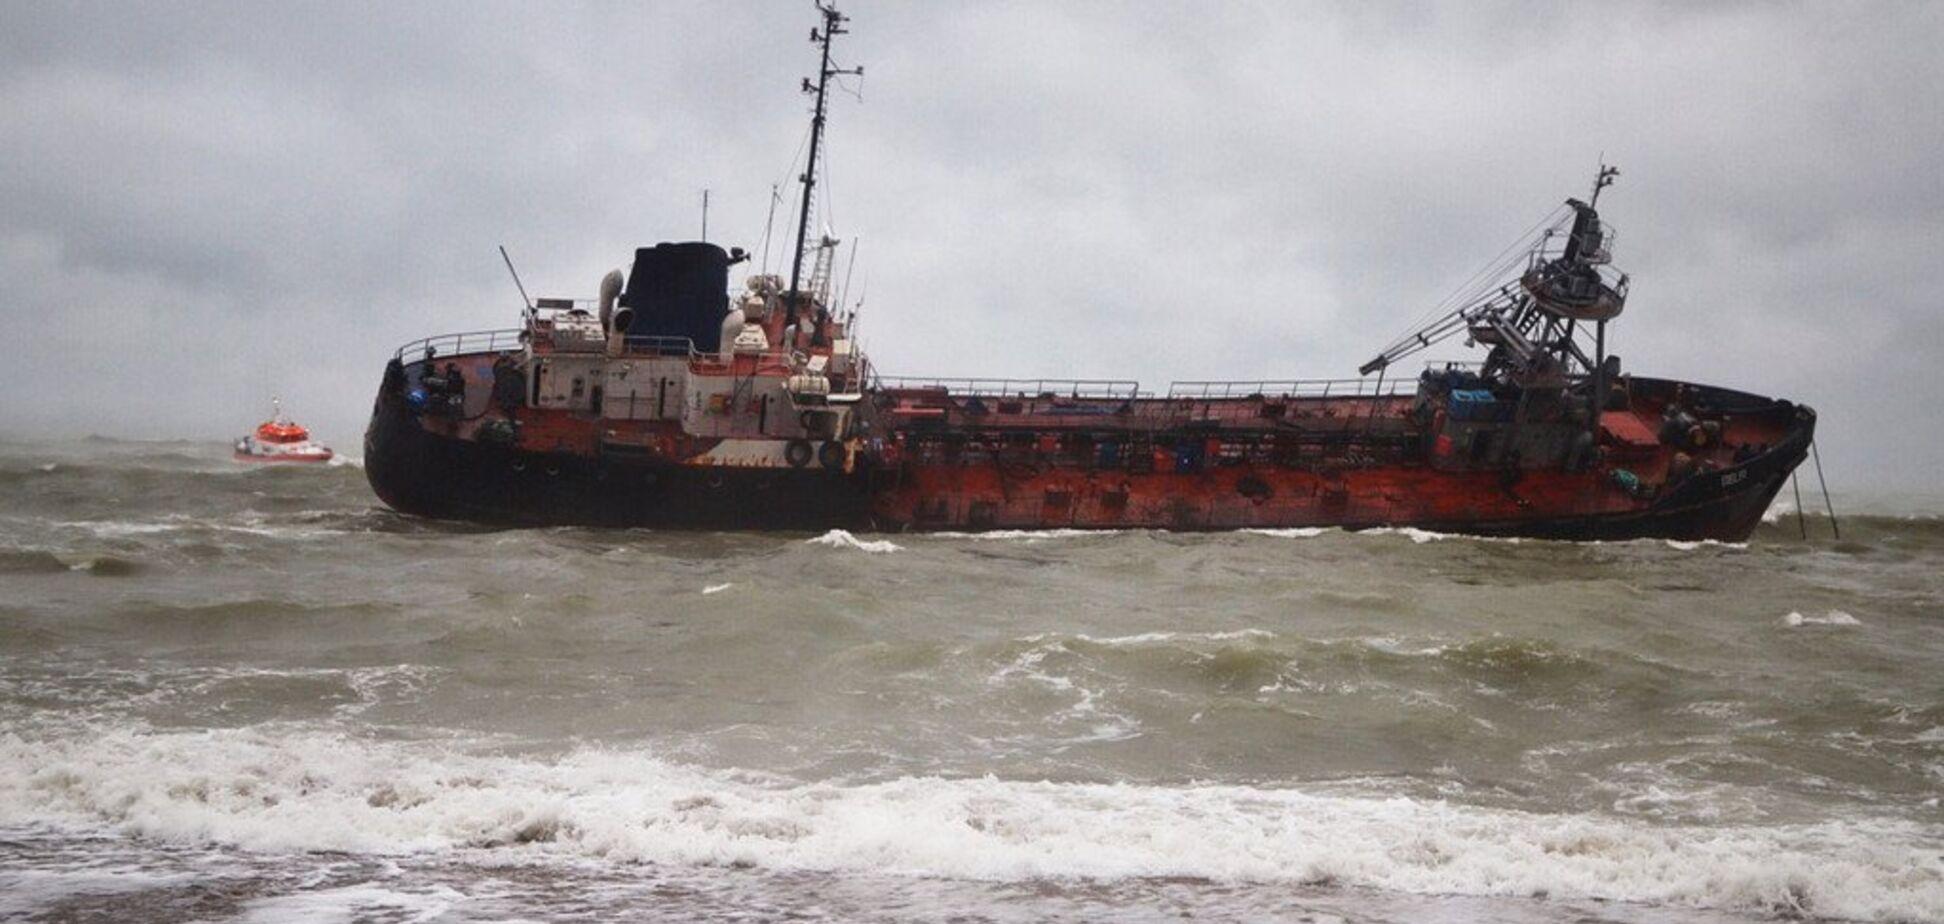 Відмовилися залишити корабель: сплив скандальний нюанс про танкер 'Делфі' в Одесі